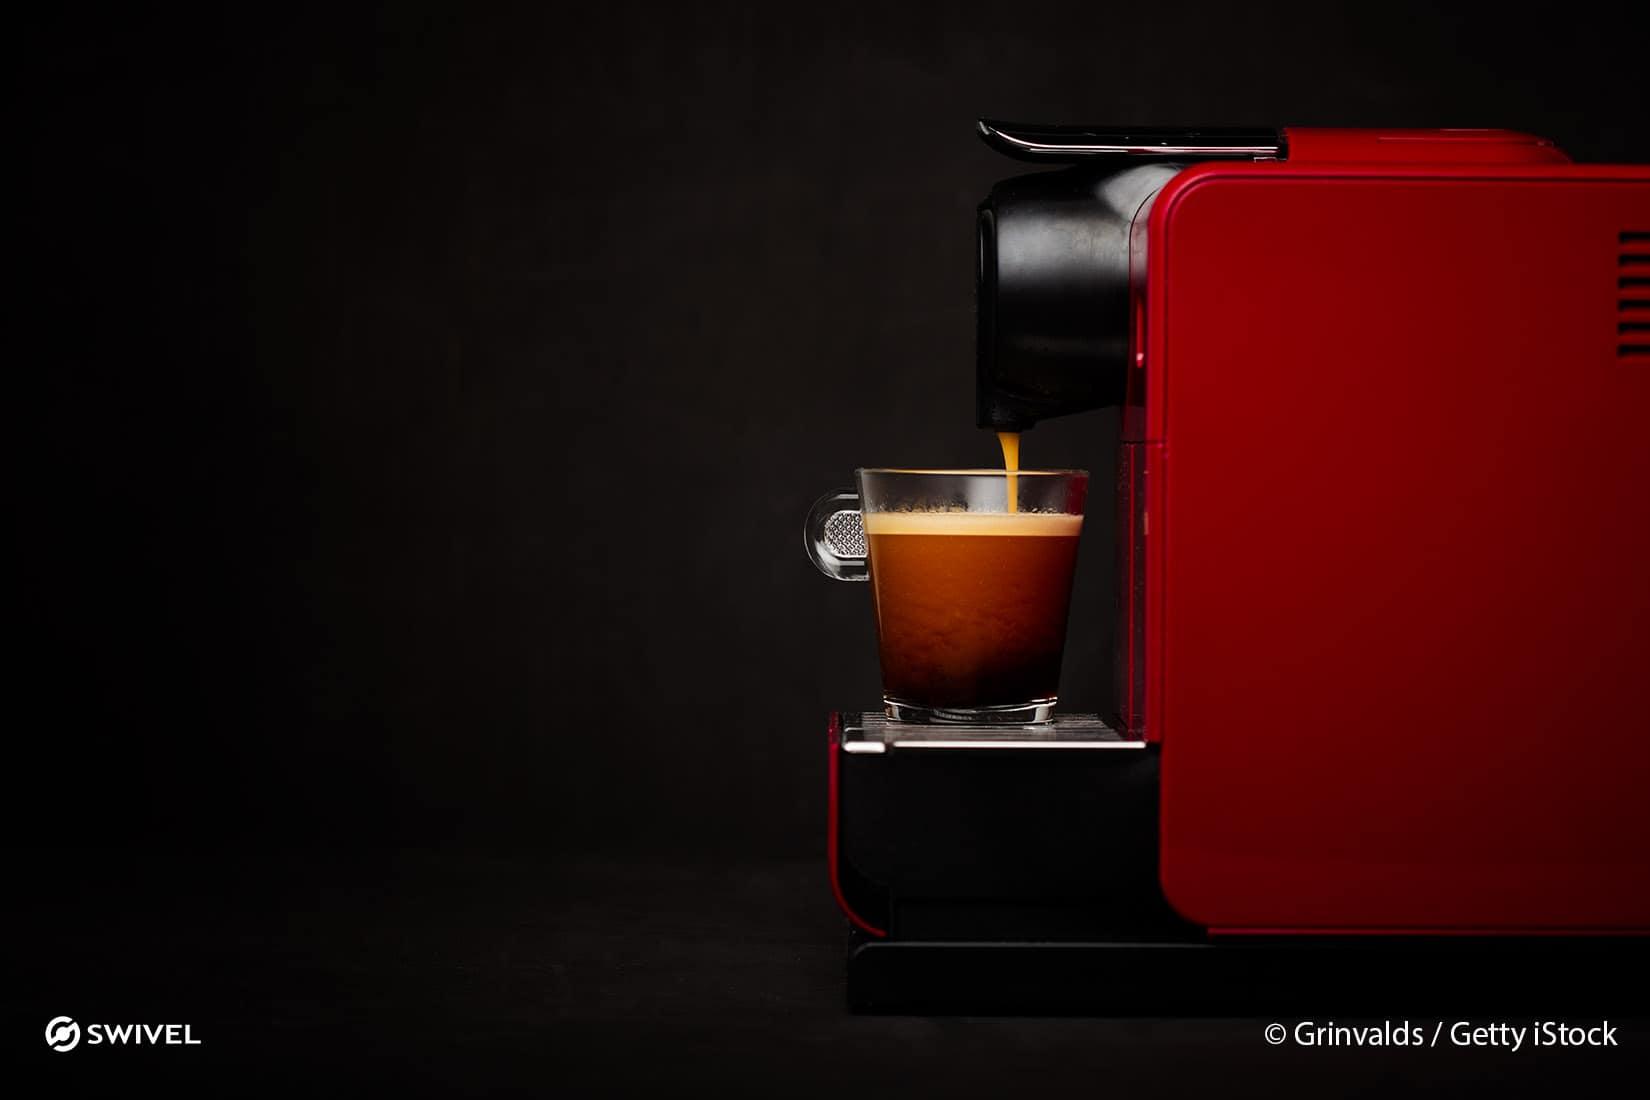 Keurig vs. Verismo vs. Nespresso